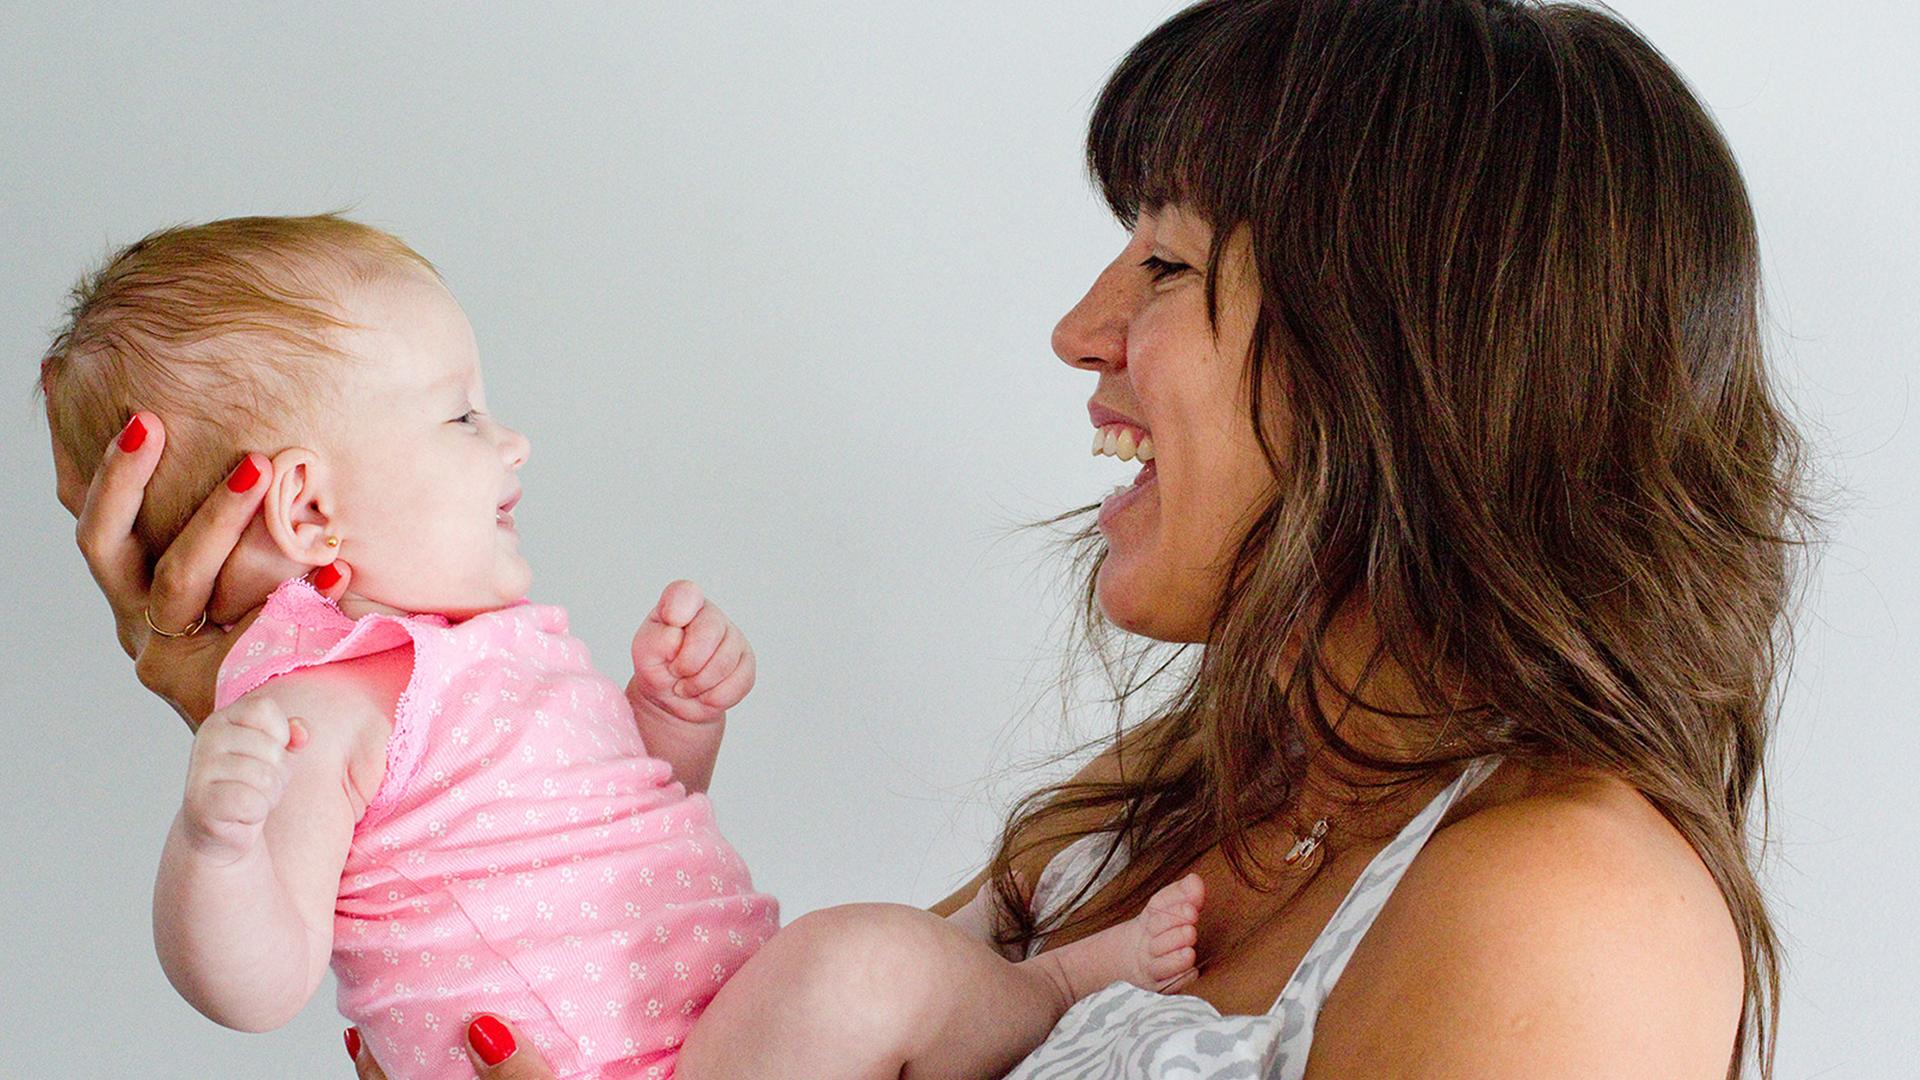 Los autores analizaron 24 bebés de seis meses, que fueron expuestos a voces y rostros que expresaban felicidad y enojo